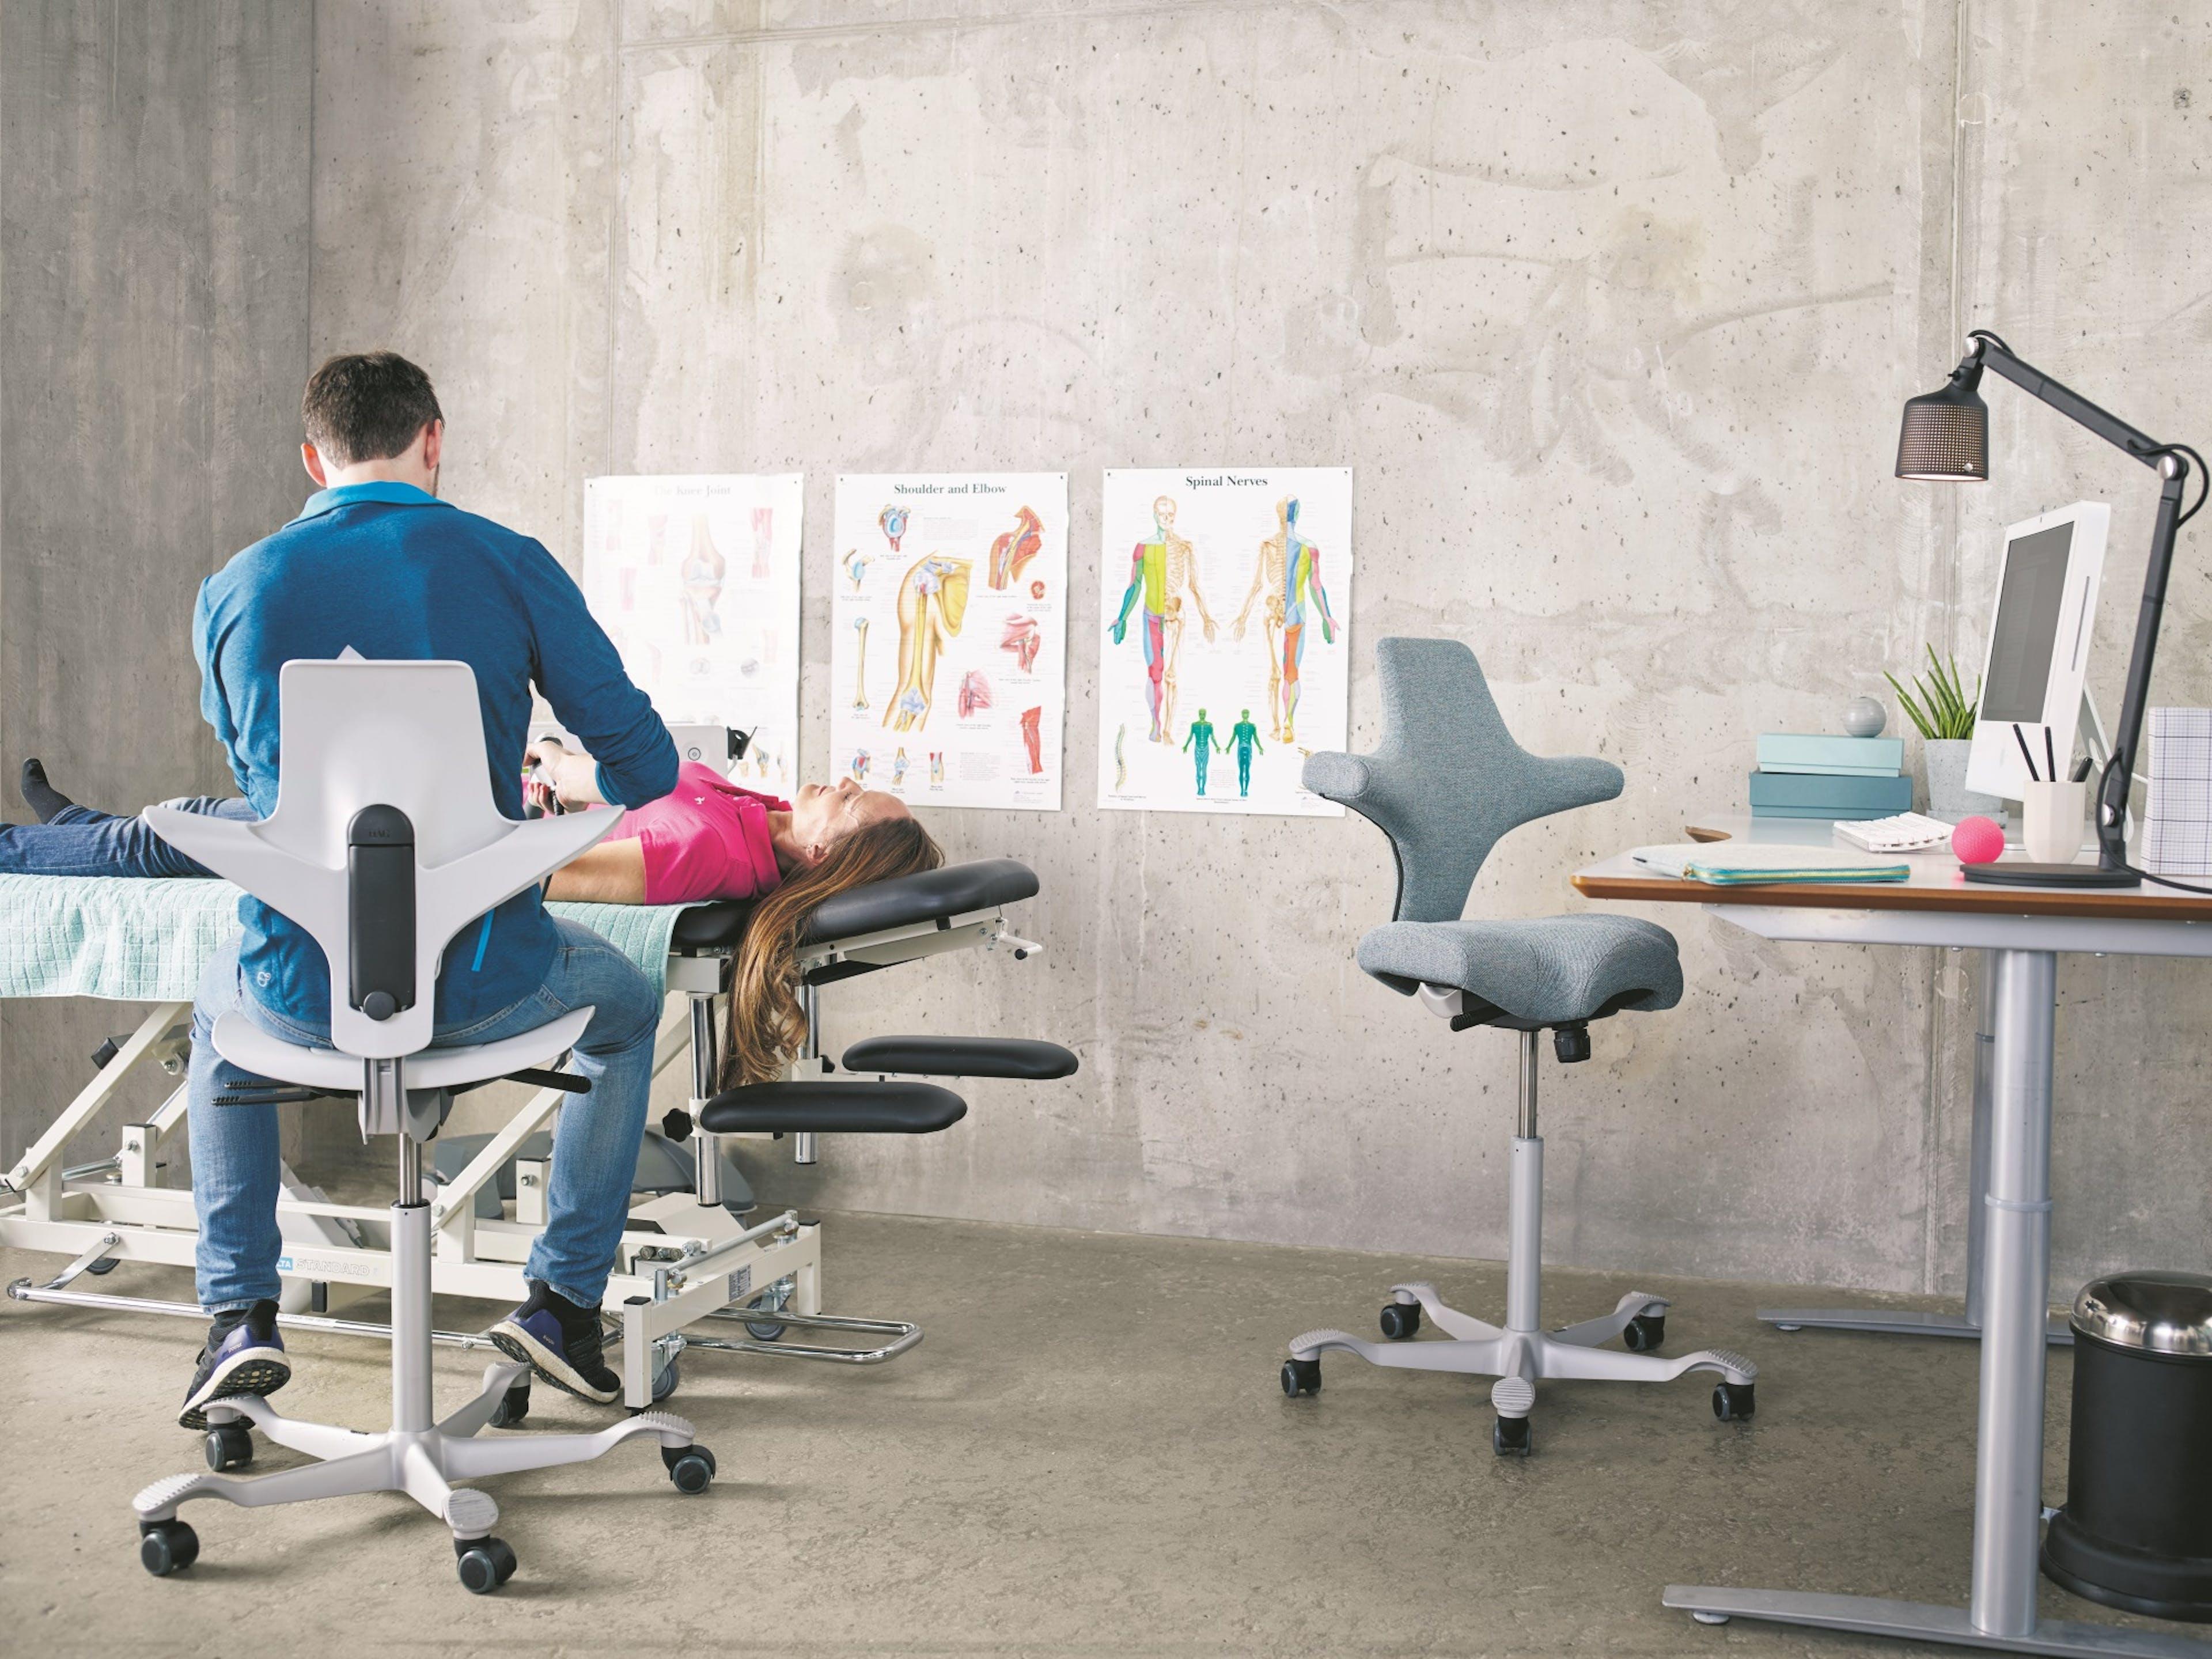 Möbel für Arztpraxis und Wartezimmer